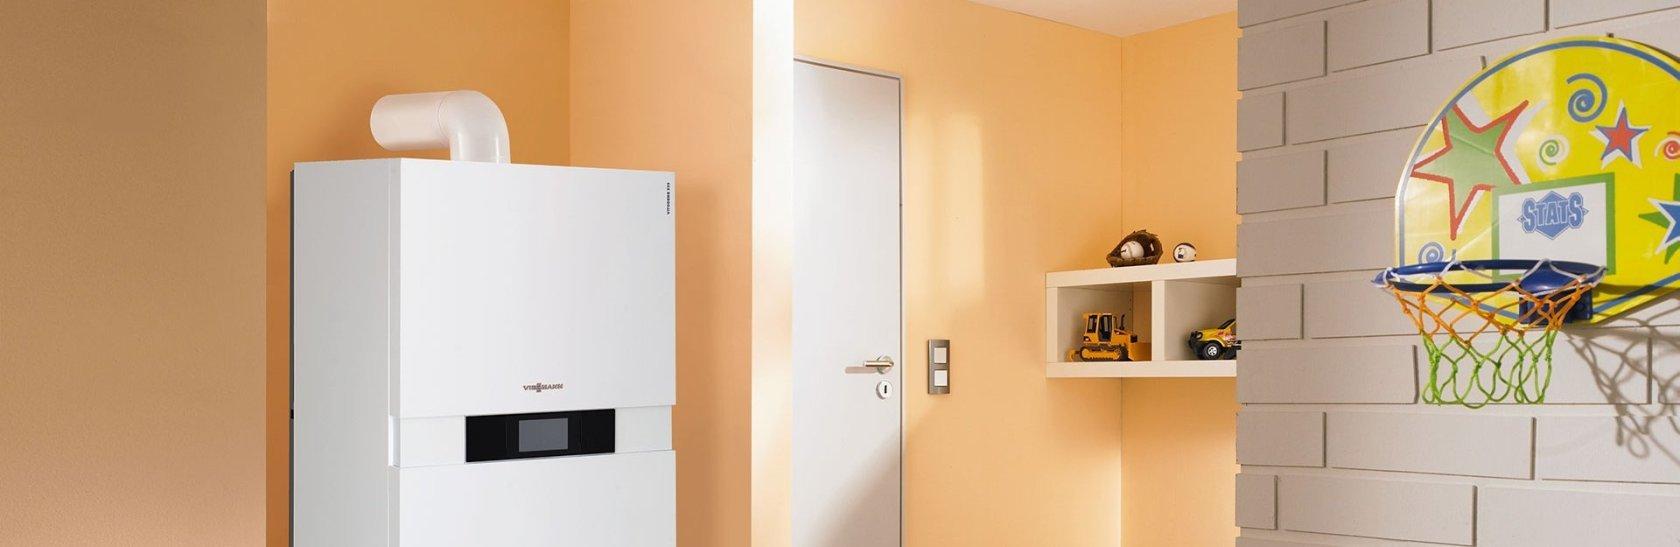 nowak gmbh wir bauen ihre neue gasheizung bergisch gladbach. Black Bedroom Furniture Sets. Home Design Ideas